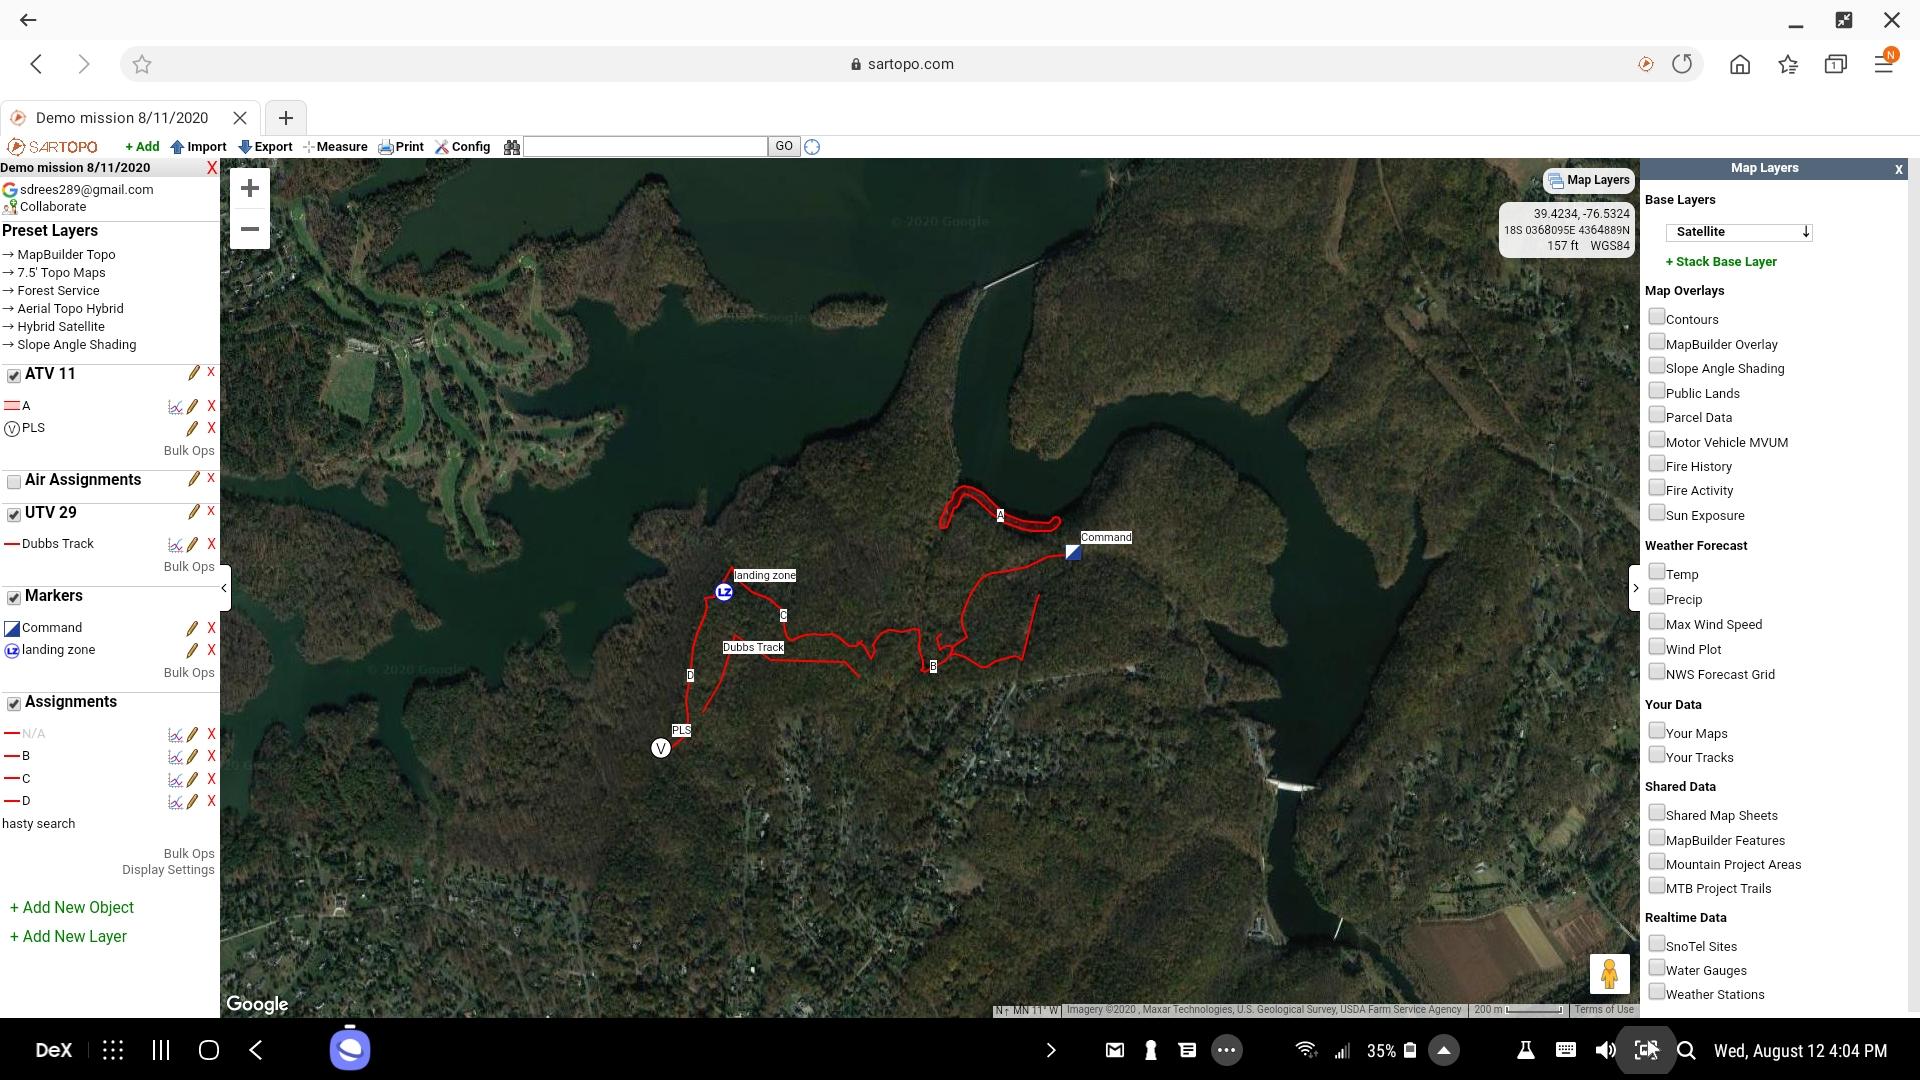 Screenshot_20200812-160429_samsung_internet